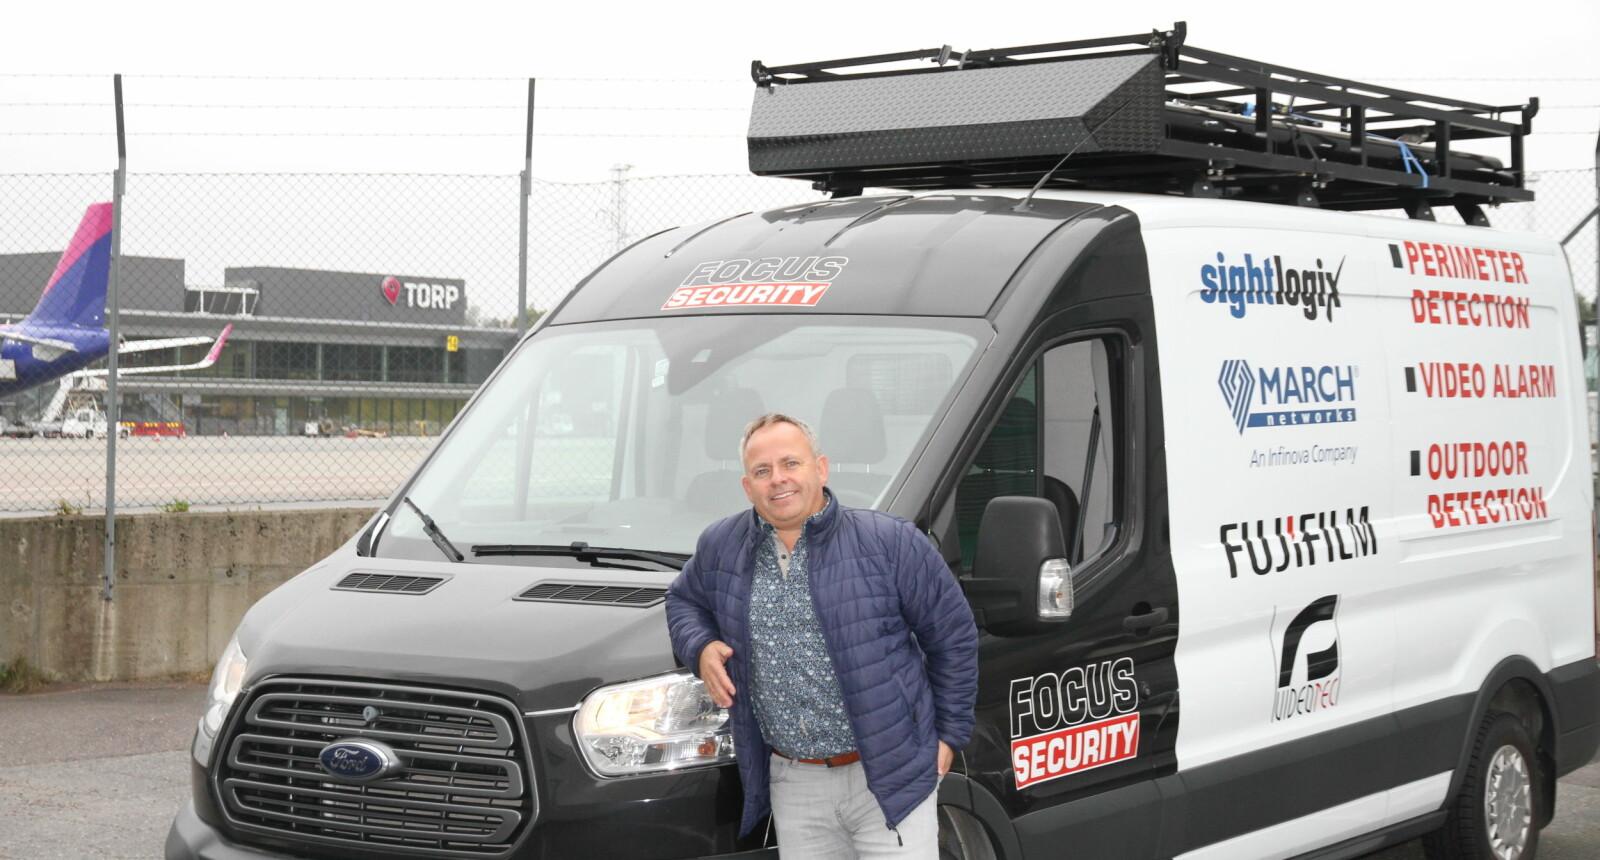 Bjarte Hatlenes gjennomfører ofte kundebesøk og ulike oppdrag med denne bilen som er rigget med mye utstyr. Focus Security holder til ved Torp Lufthavn.